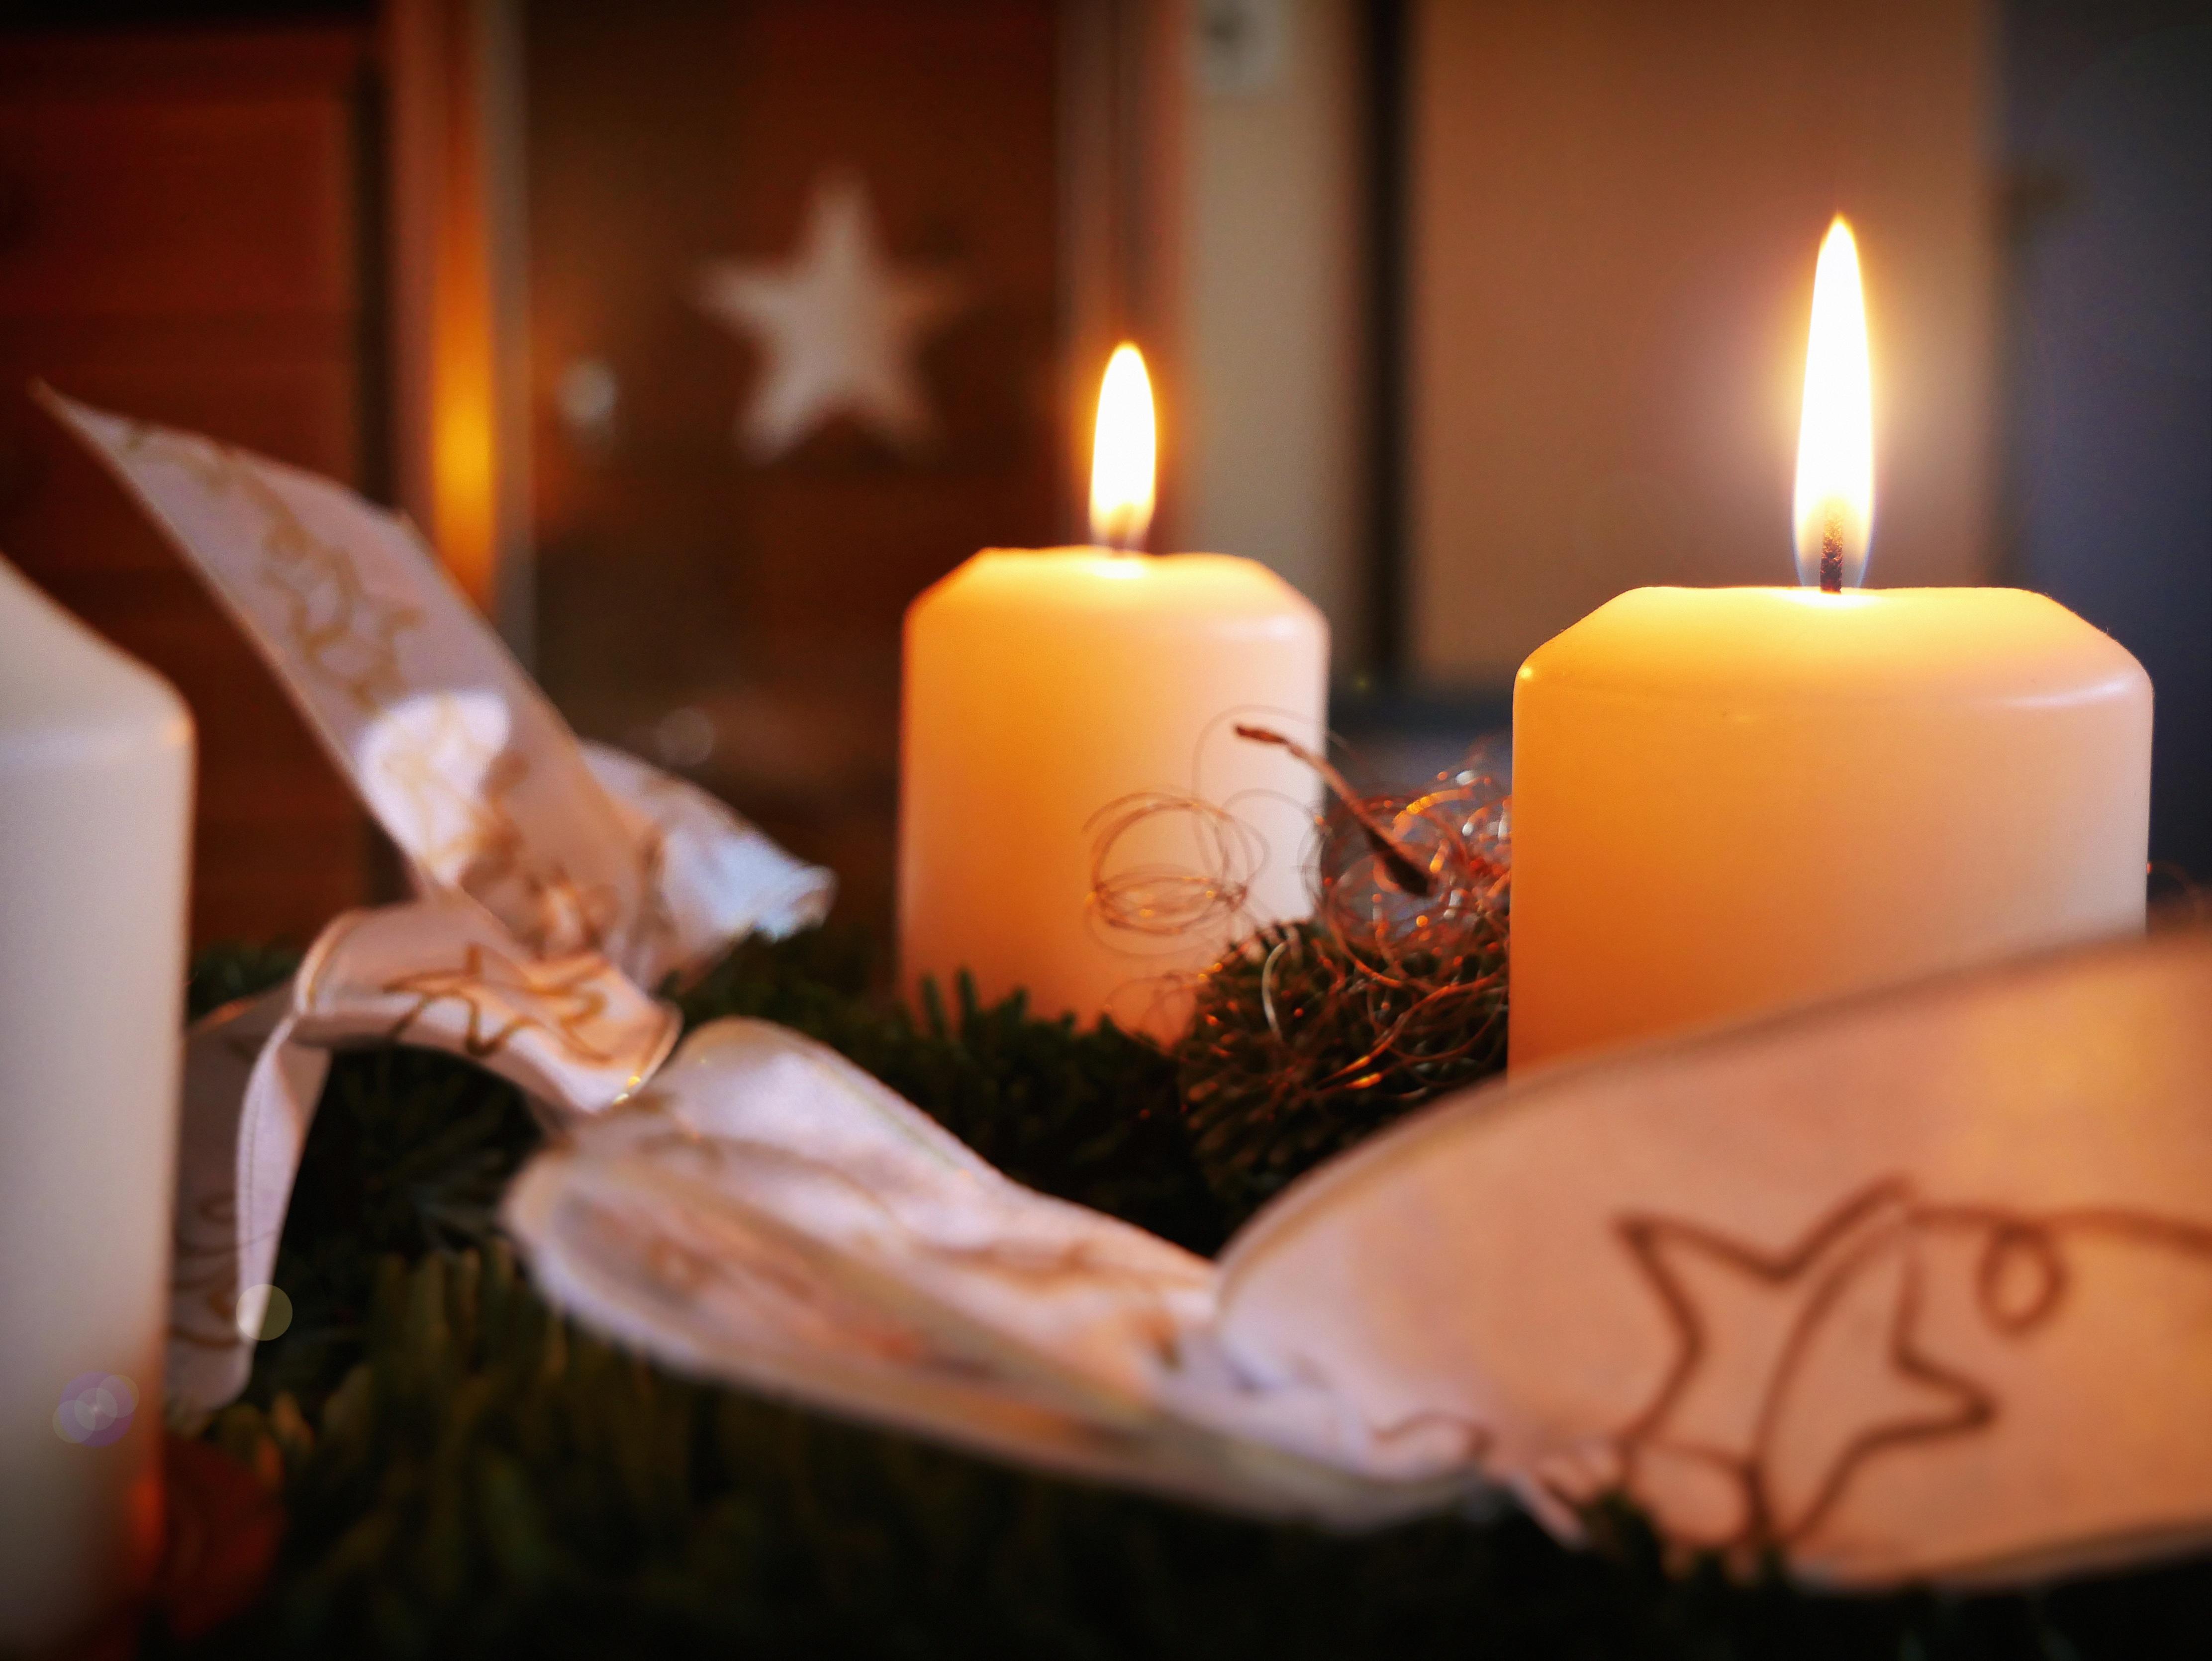 Decorare Candele Di Natale : Immagini belle natale illuminazione arredamento avvento